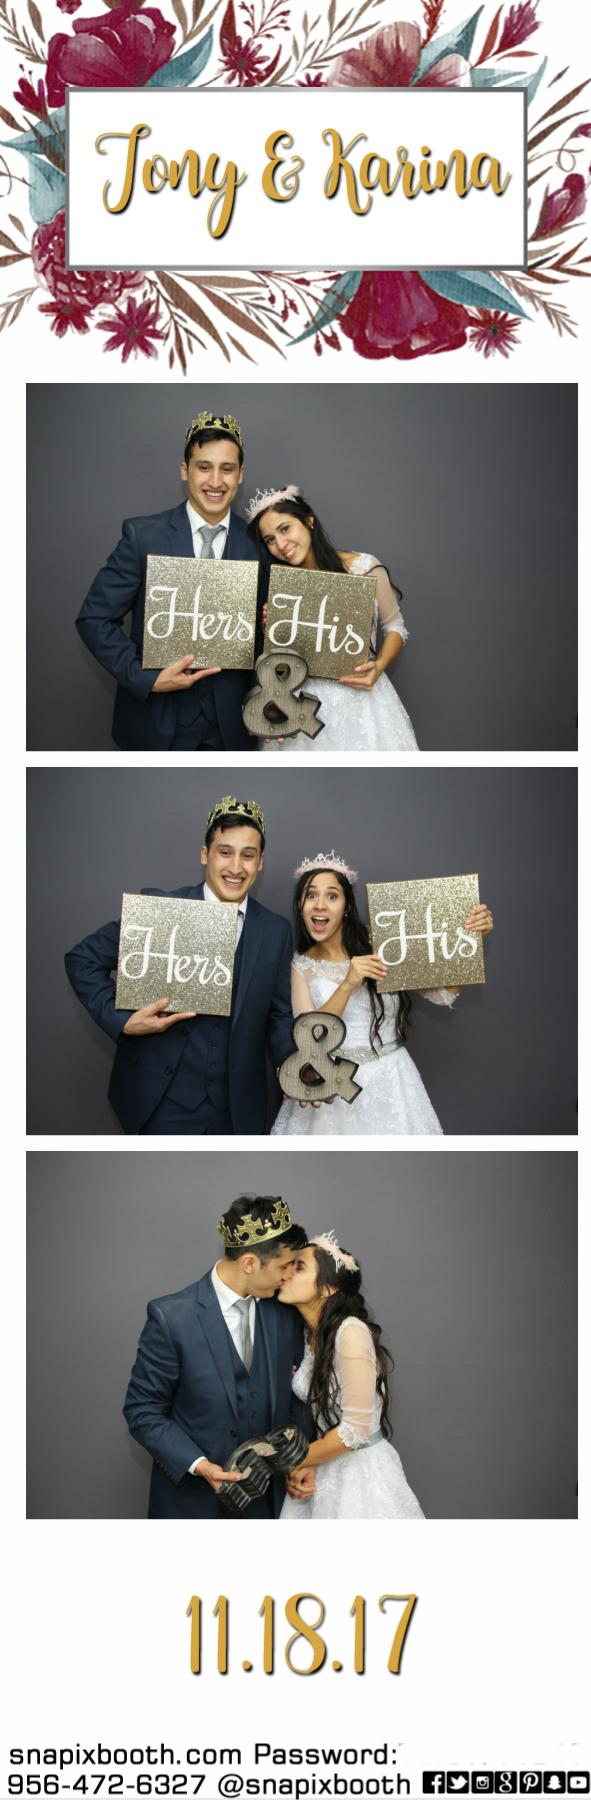 Tony & Karina Wedding